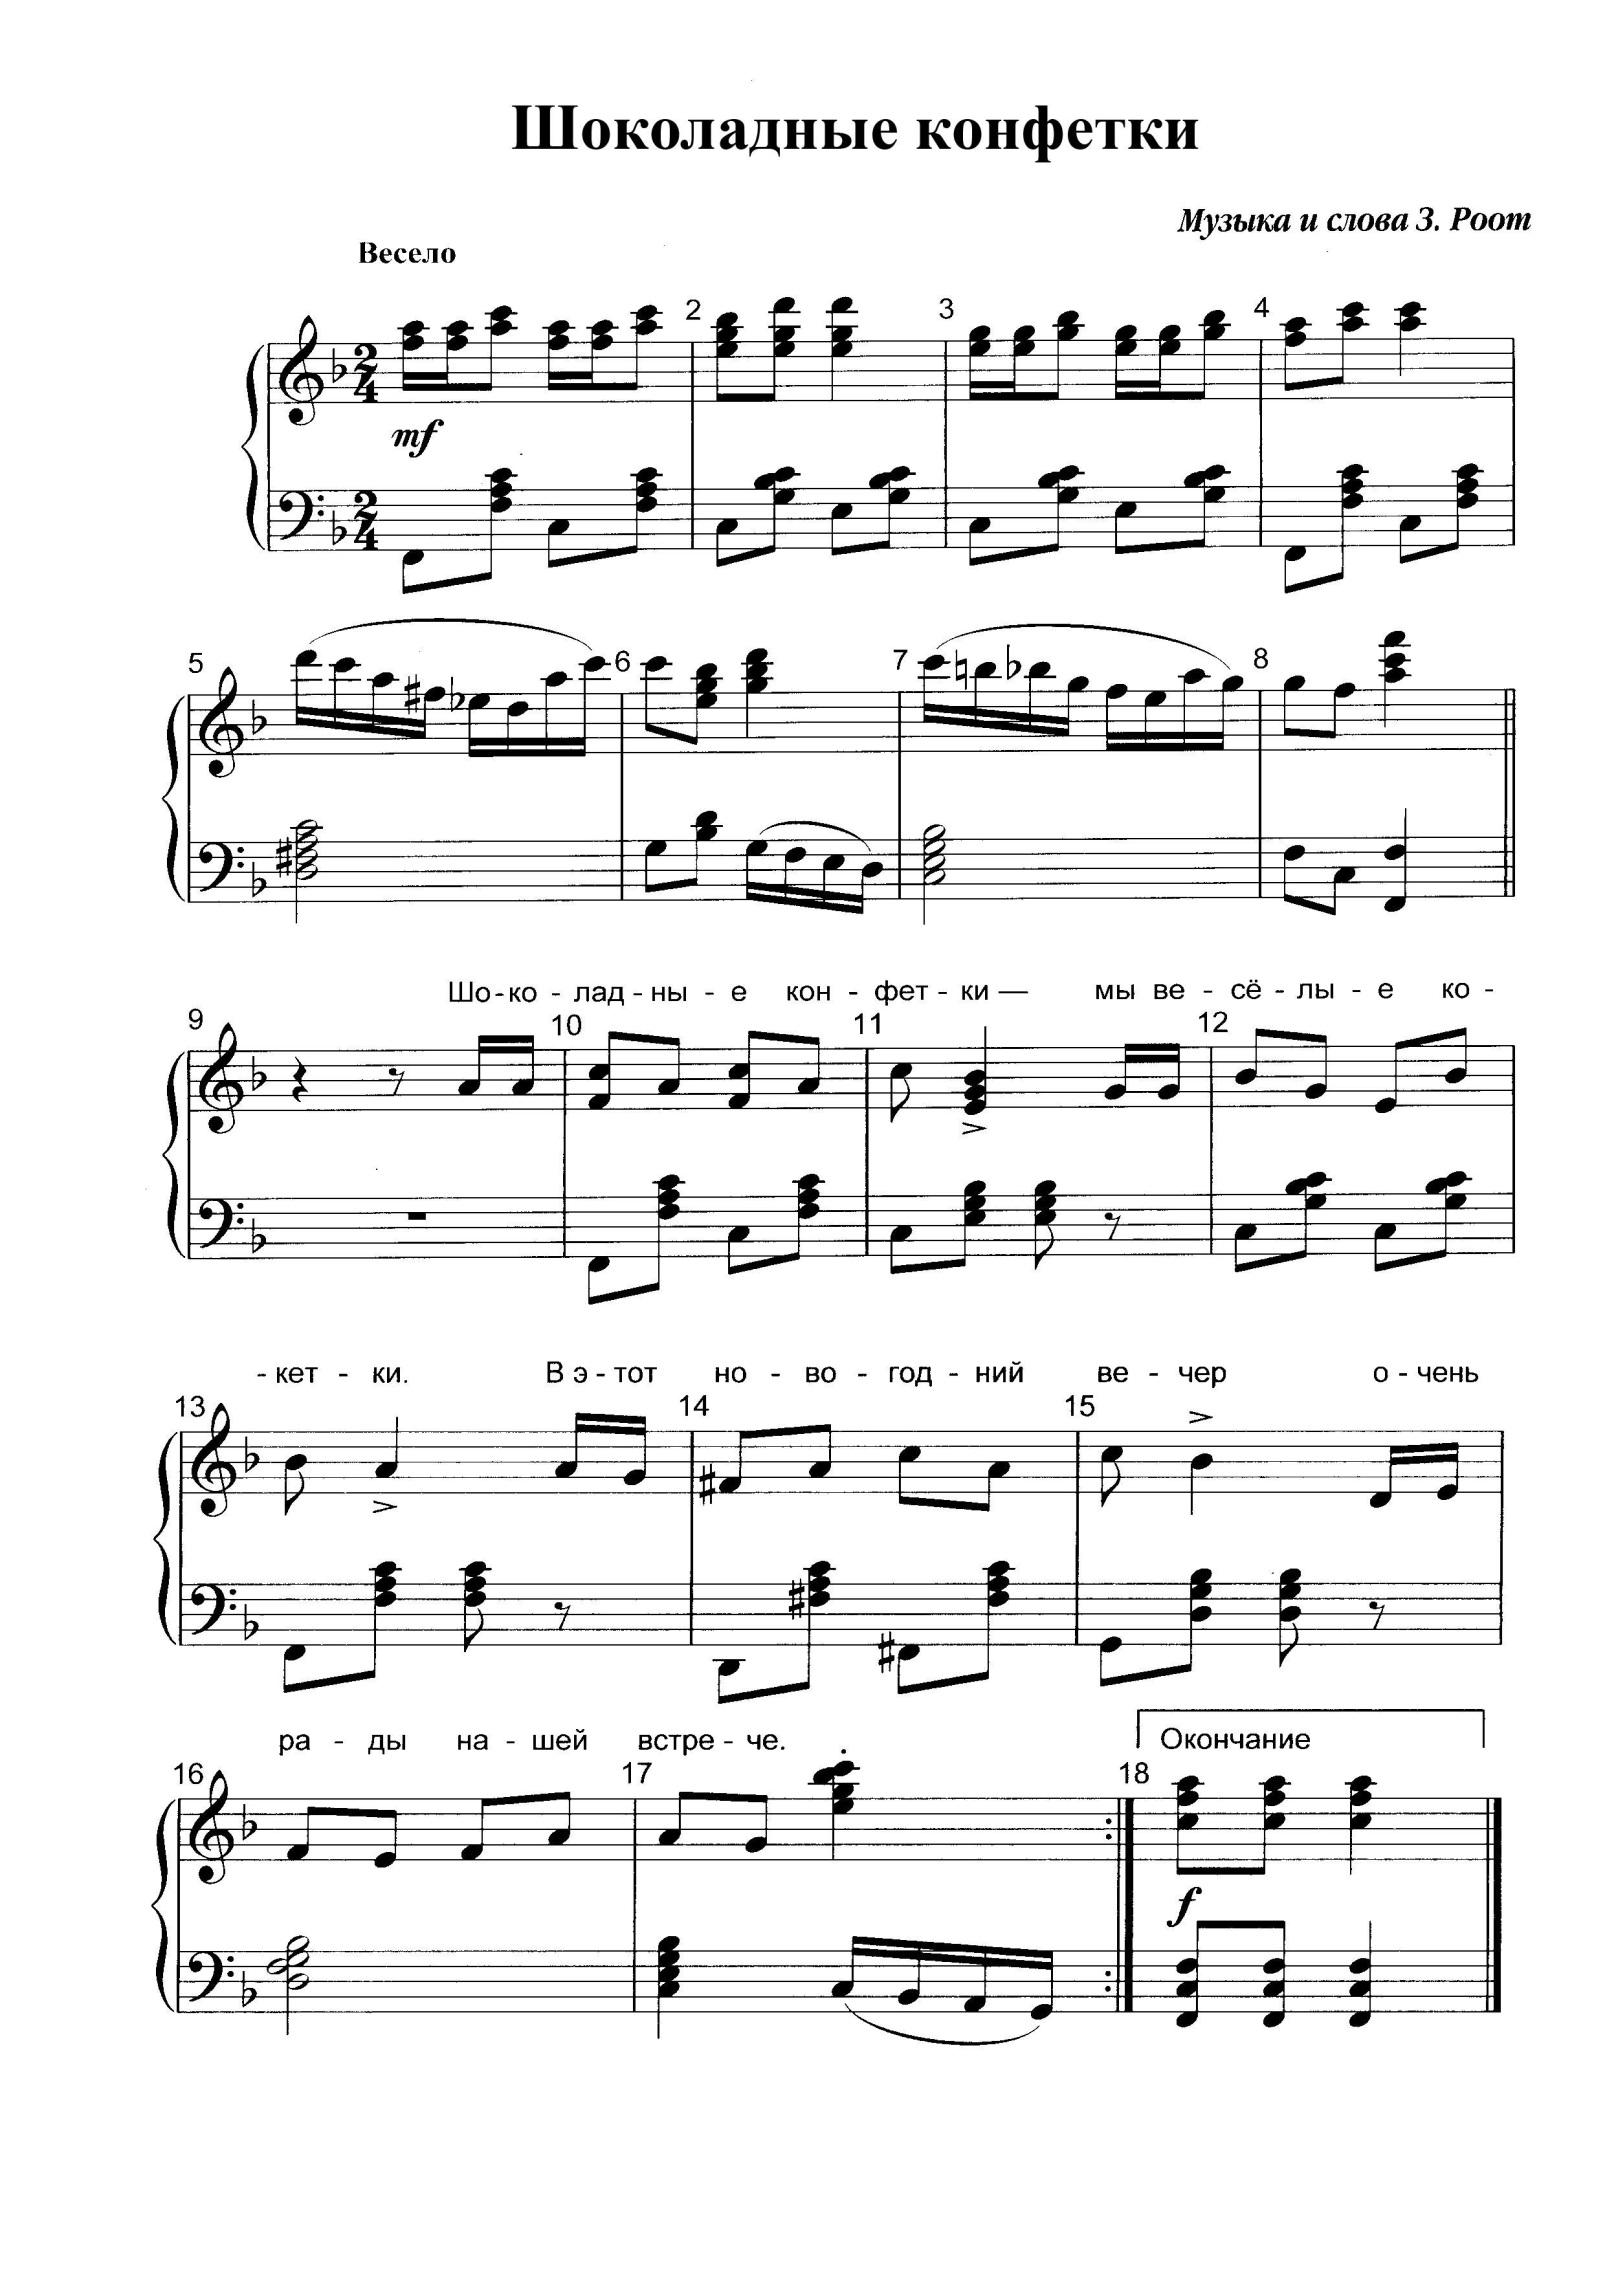 MUZIKA ПЕСНЯ МЫ КОНФЕТОЧКИ КОНФЕТКИ НА БОЛЬШОЙ ЕЛОВОЙ ВЕТКЕ СКАЧАТЬ БЕСПЛАТНО